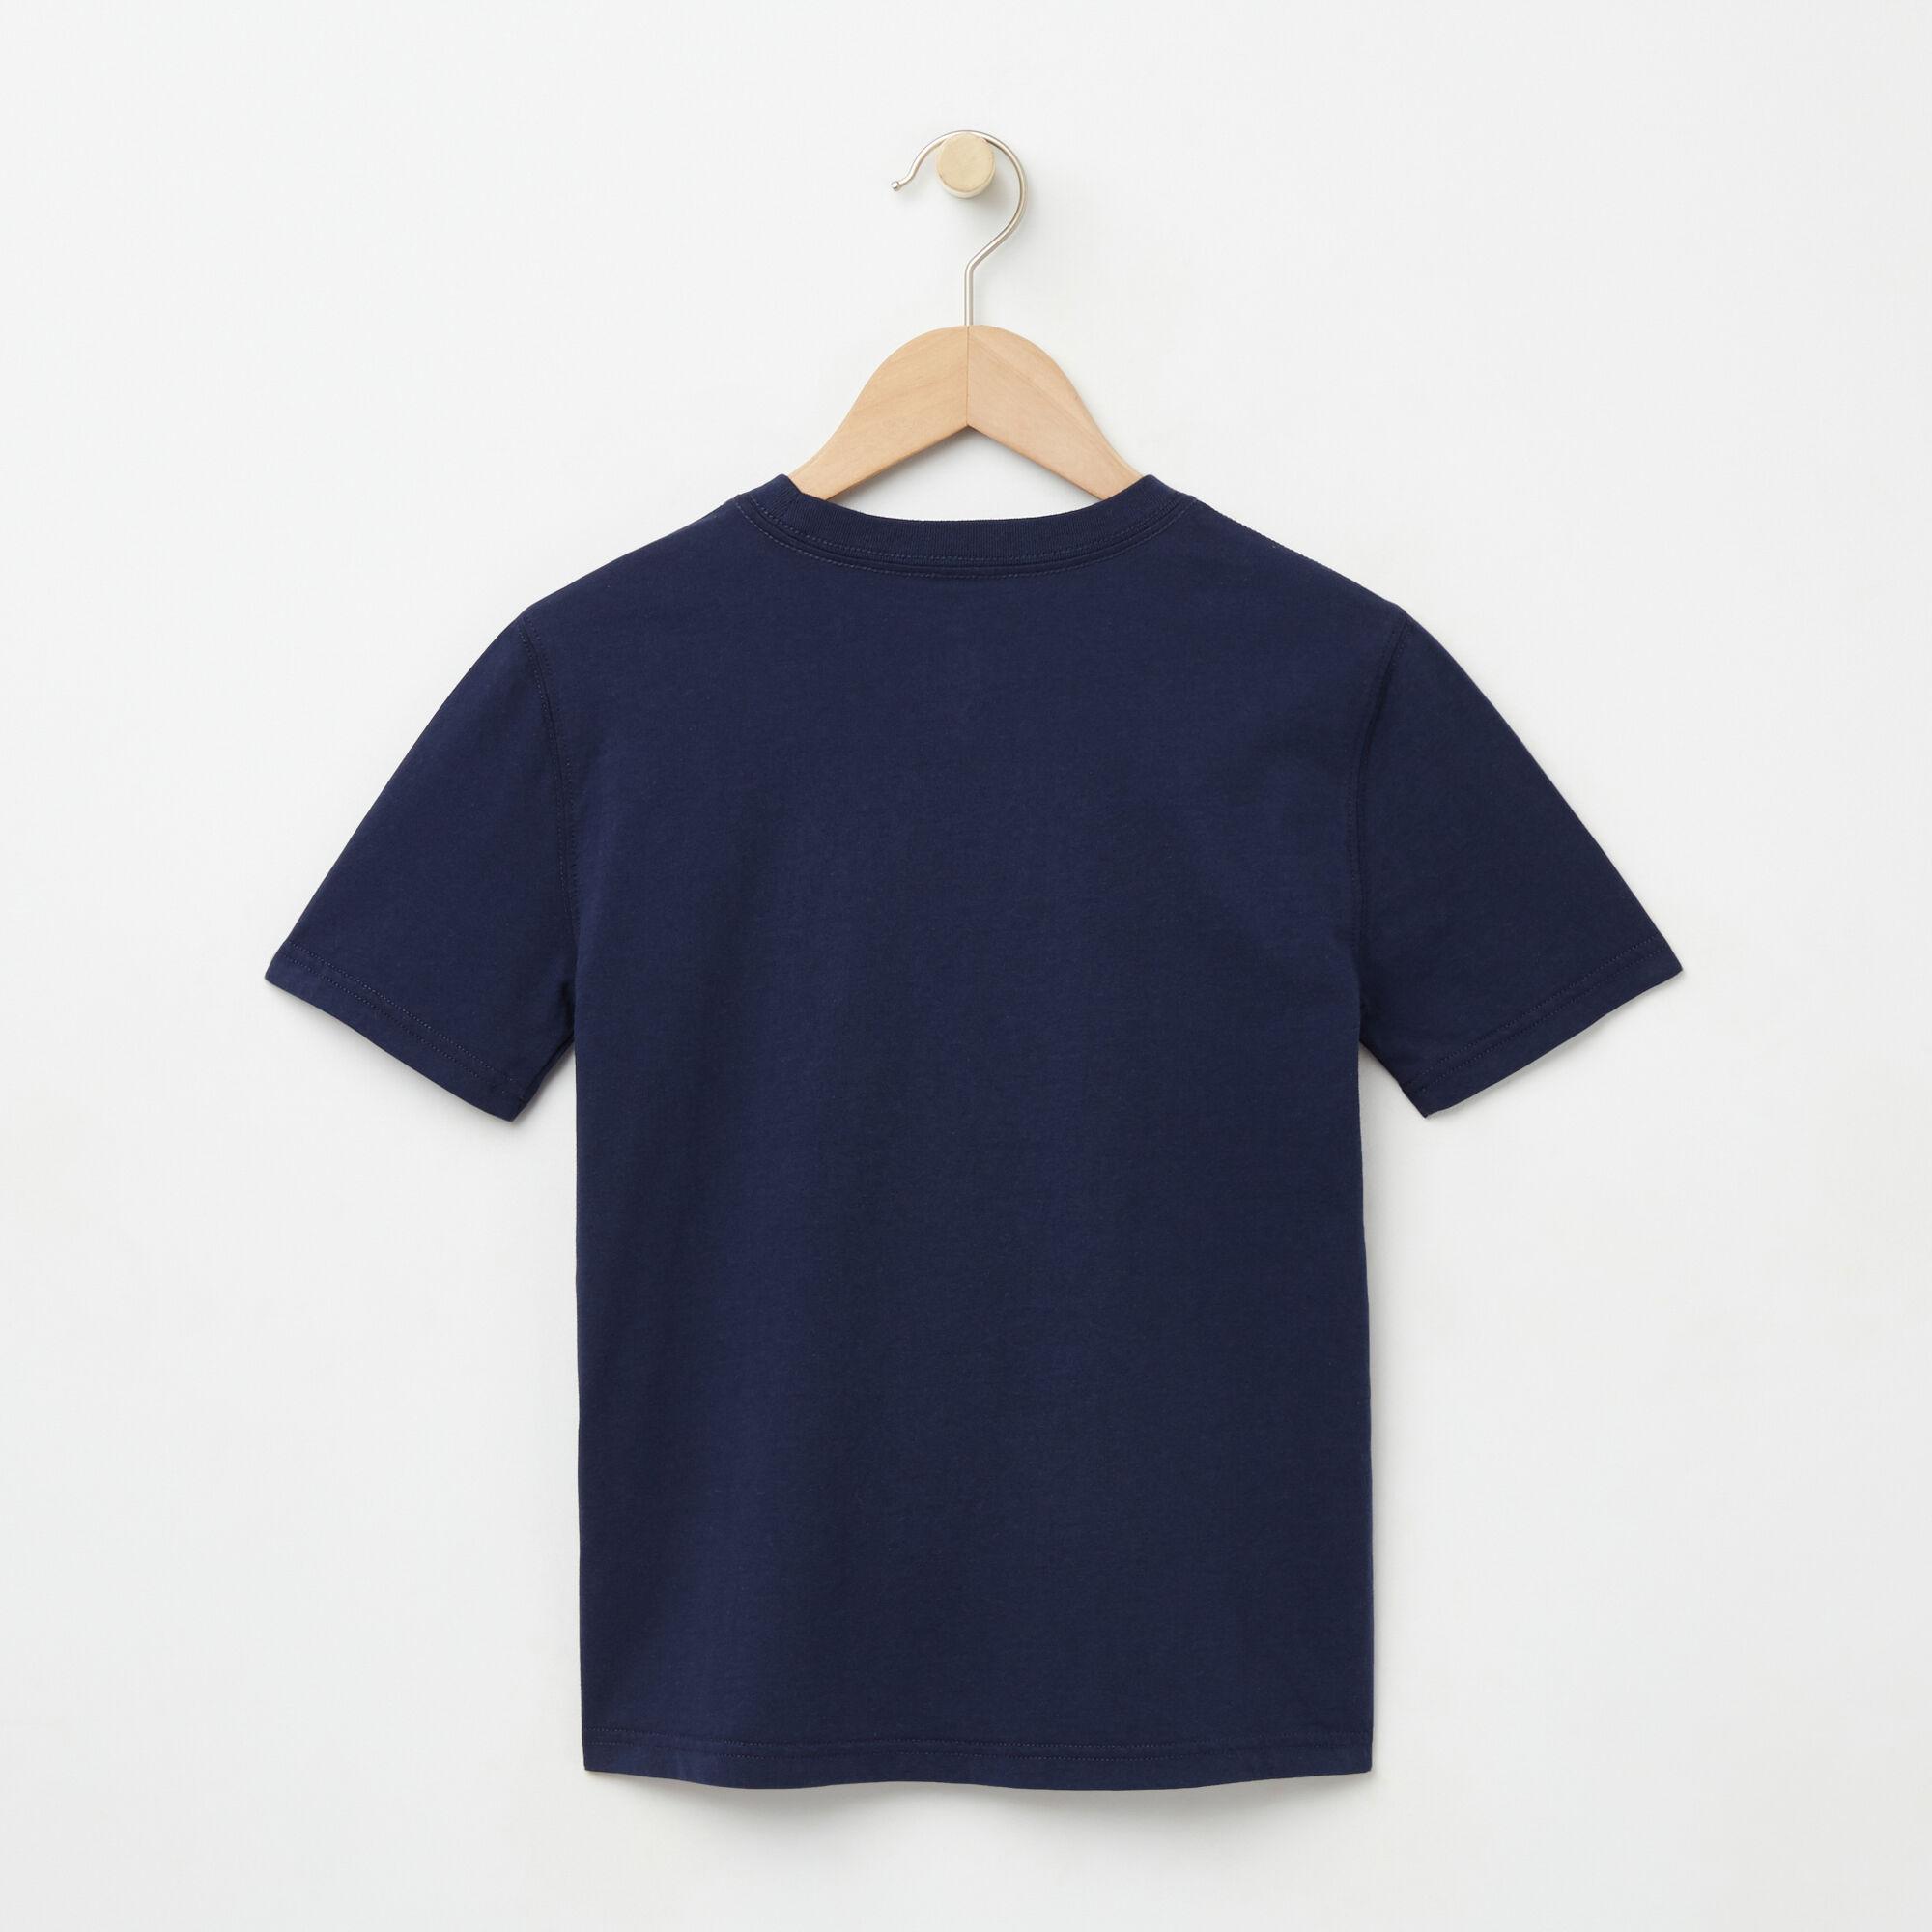 Garçons T-shirt Canada Phosphorescent